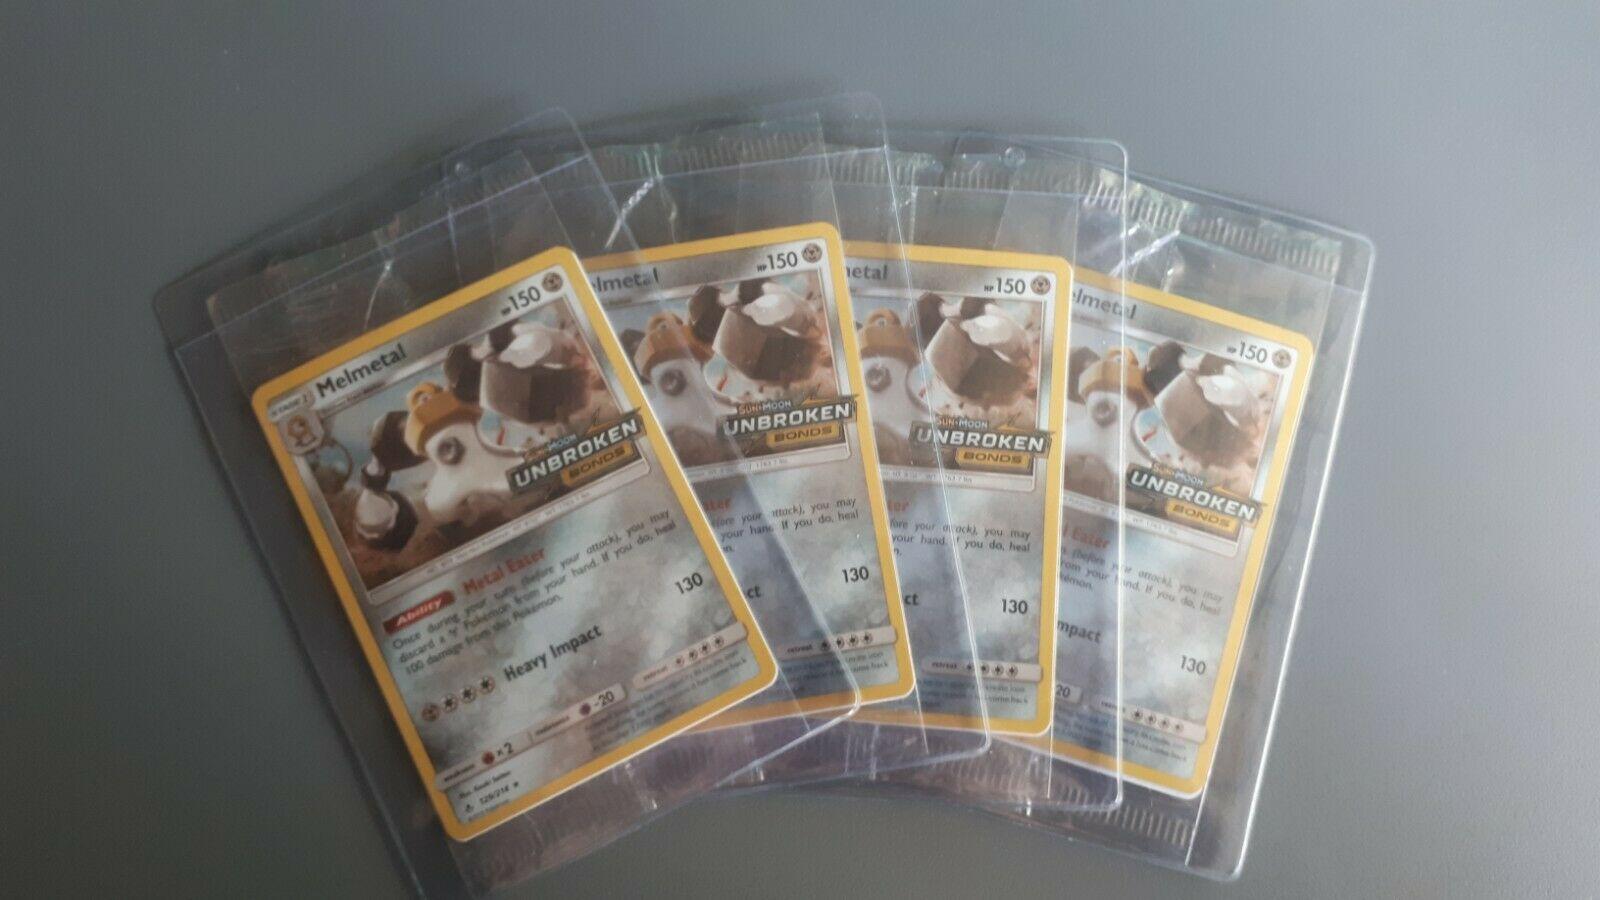 melmetal unbroken bonds 129/214 european stamp promo sealed pokemon 4 times